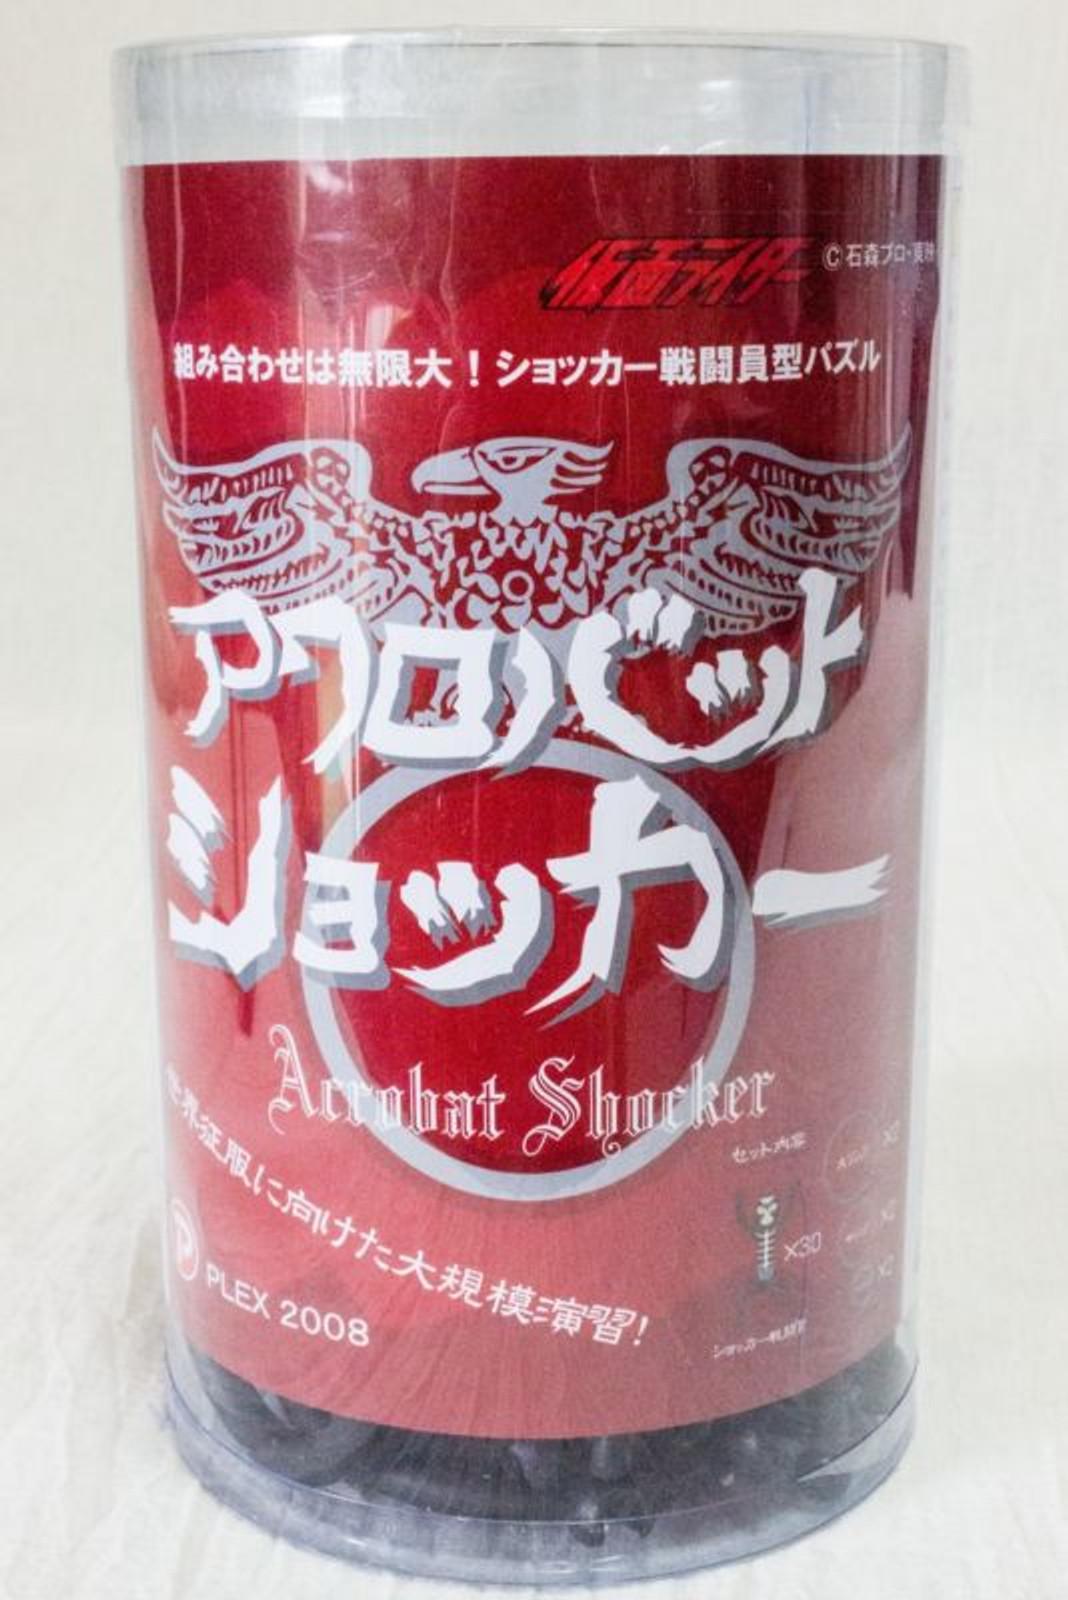 Kamen Rider Acrobat Shocker Puzzle Figure JAPAN TOKUSATSU